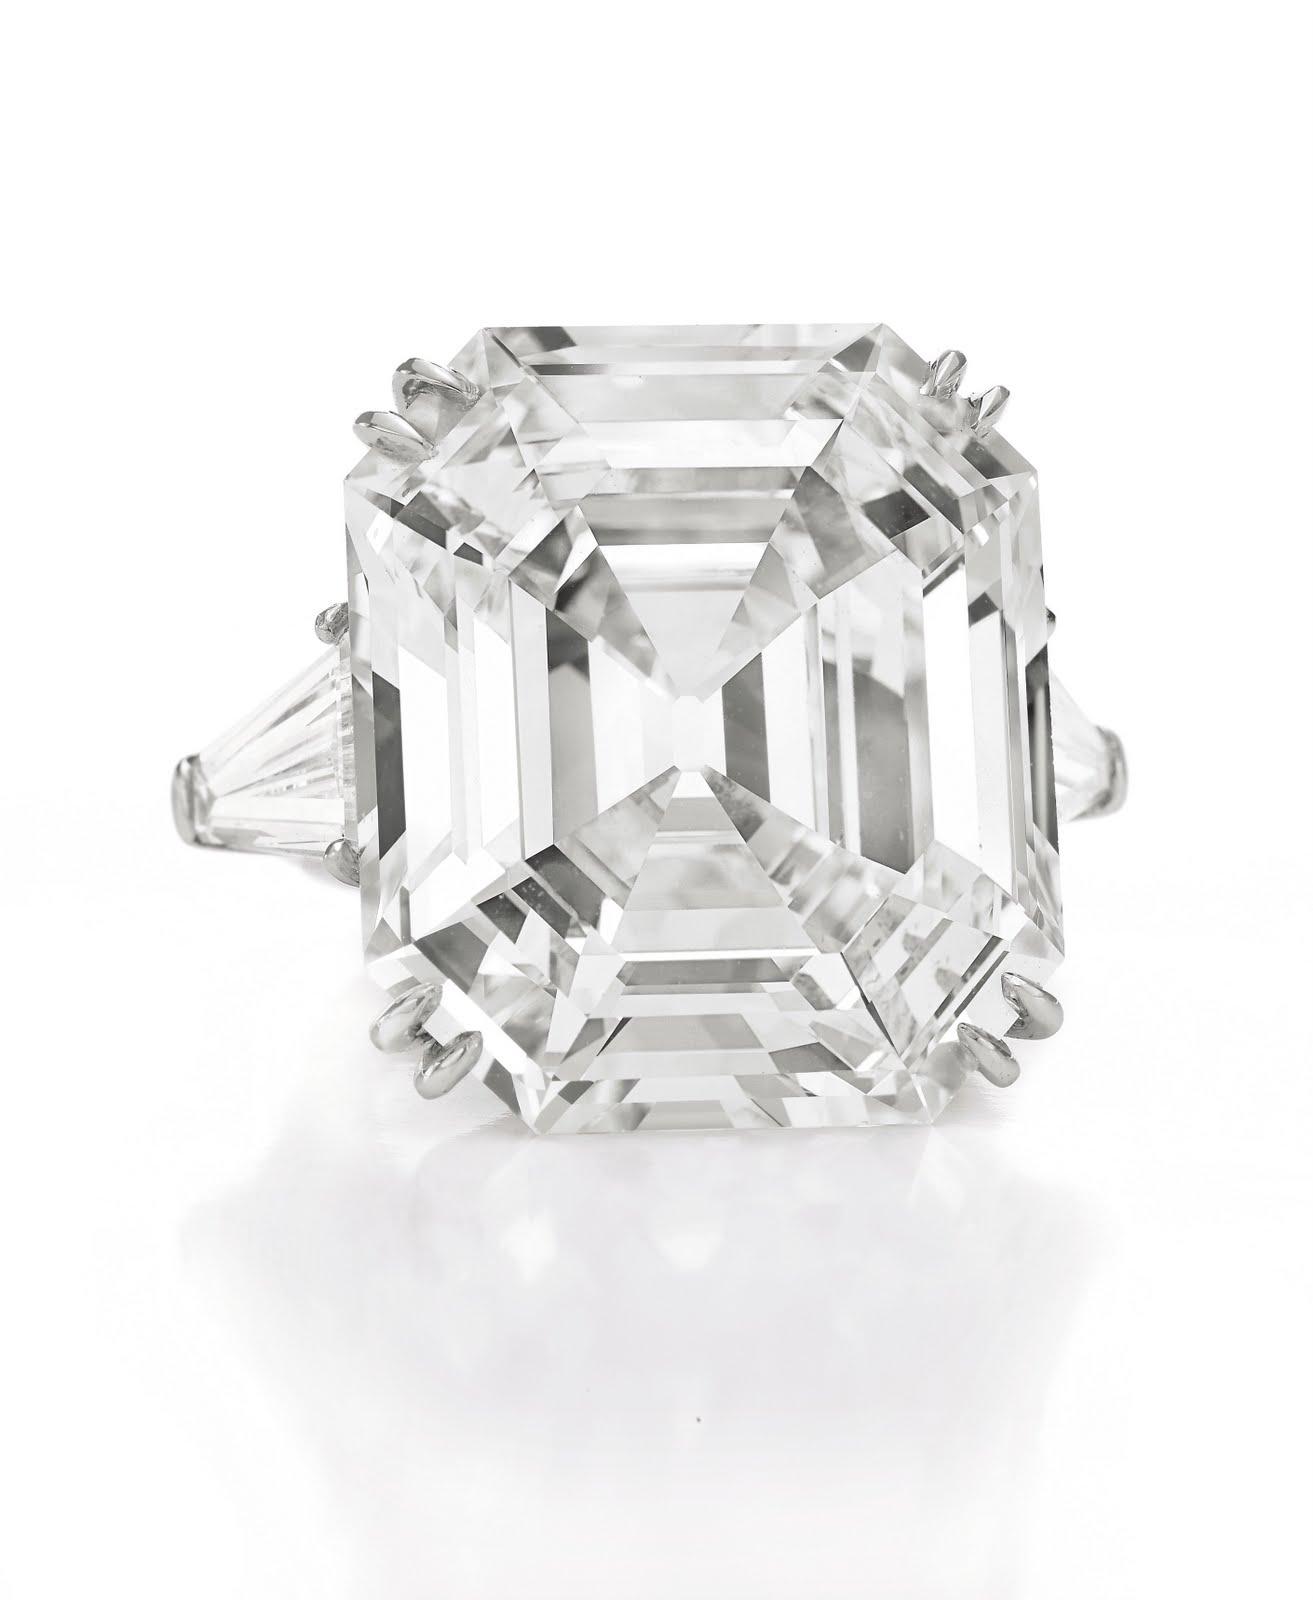 Van Cleef And Arpels Wedding Rings 23 Best The Elizabeth Taylor Diamond